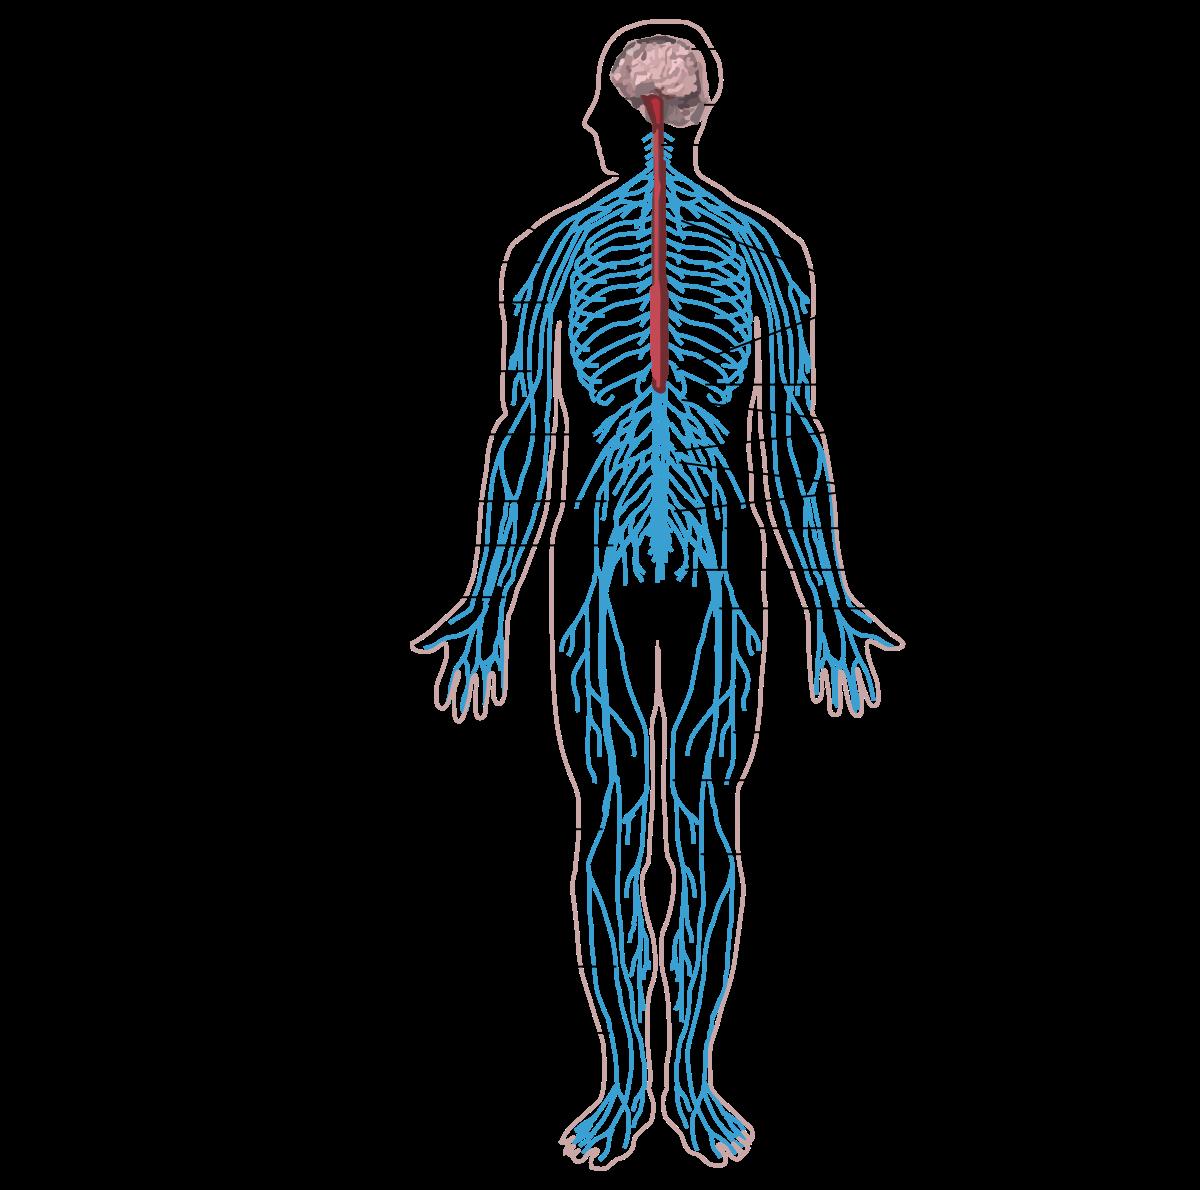 hatékony gyógymód az emberi testben lévő pinwormok ellen parfüm a lélegzethez